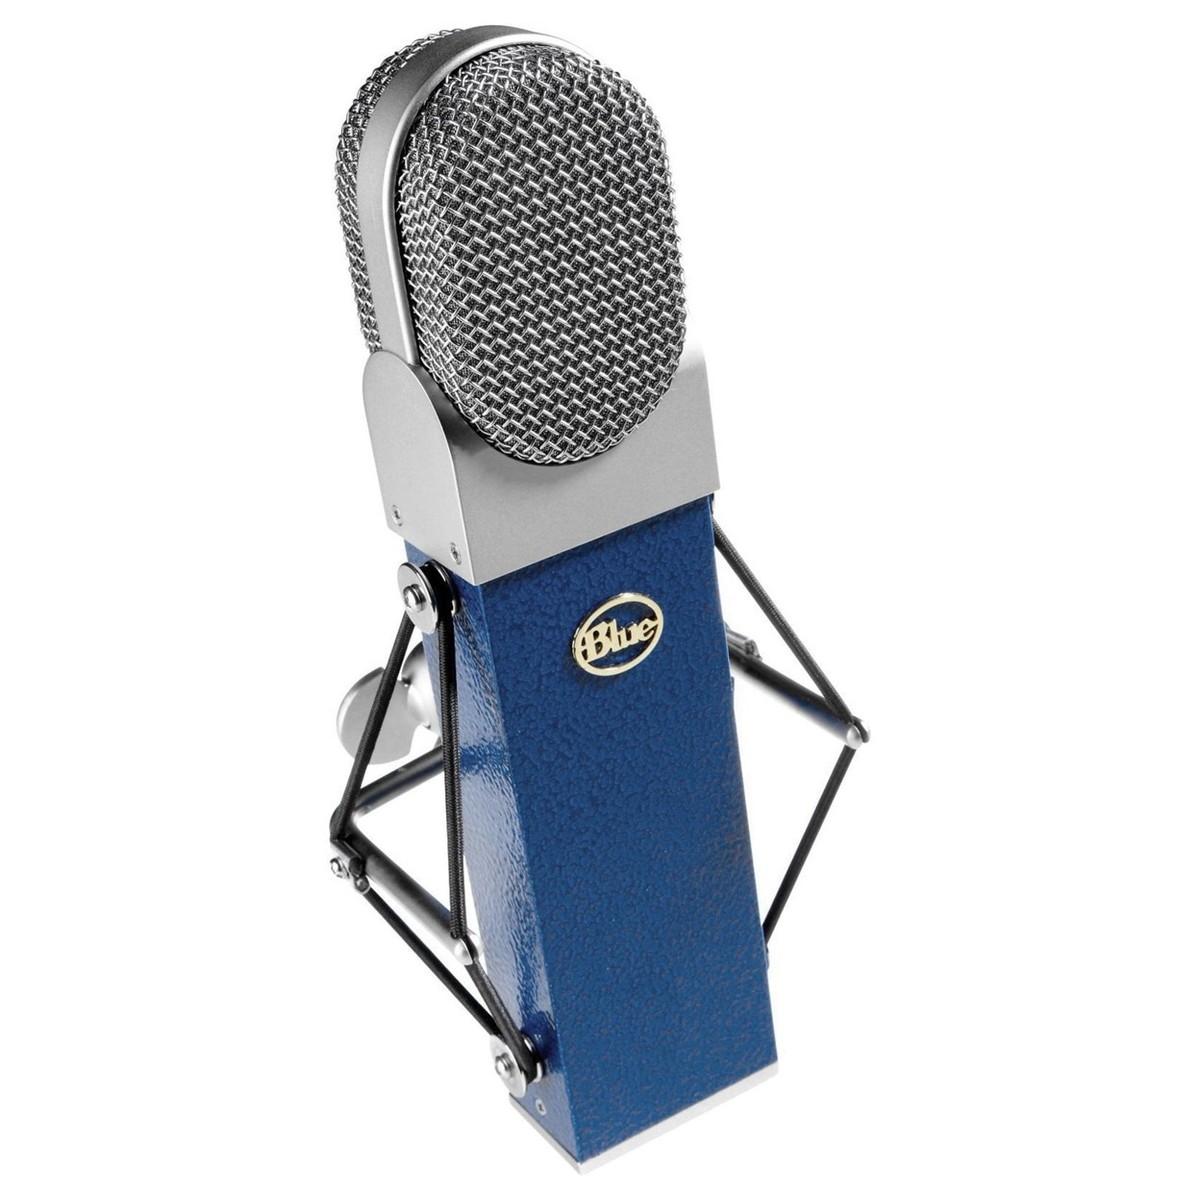 Luke Audio AL Y56 P 3 Head Microphone Set | Gear4music